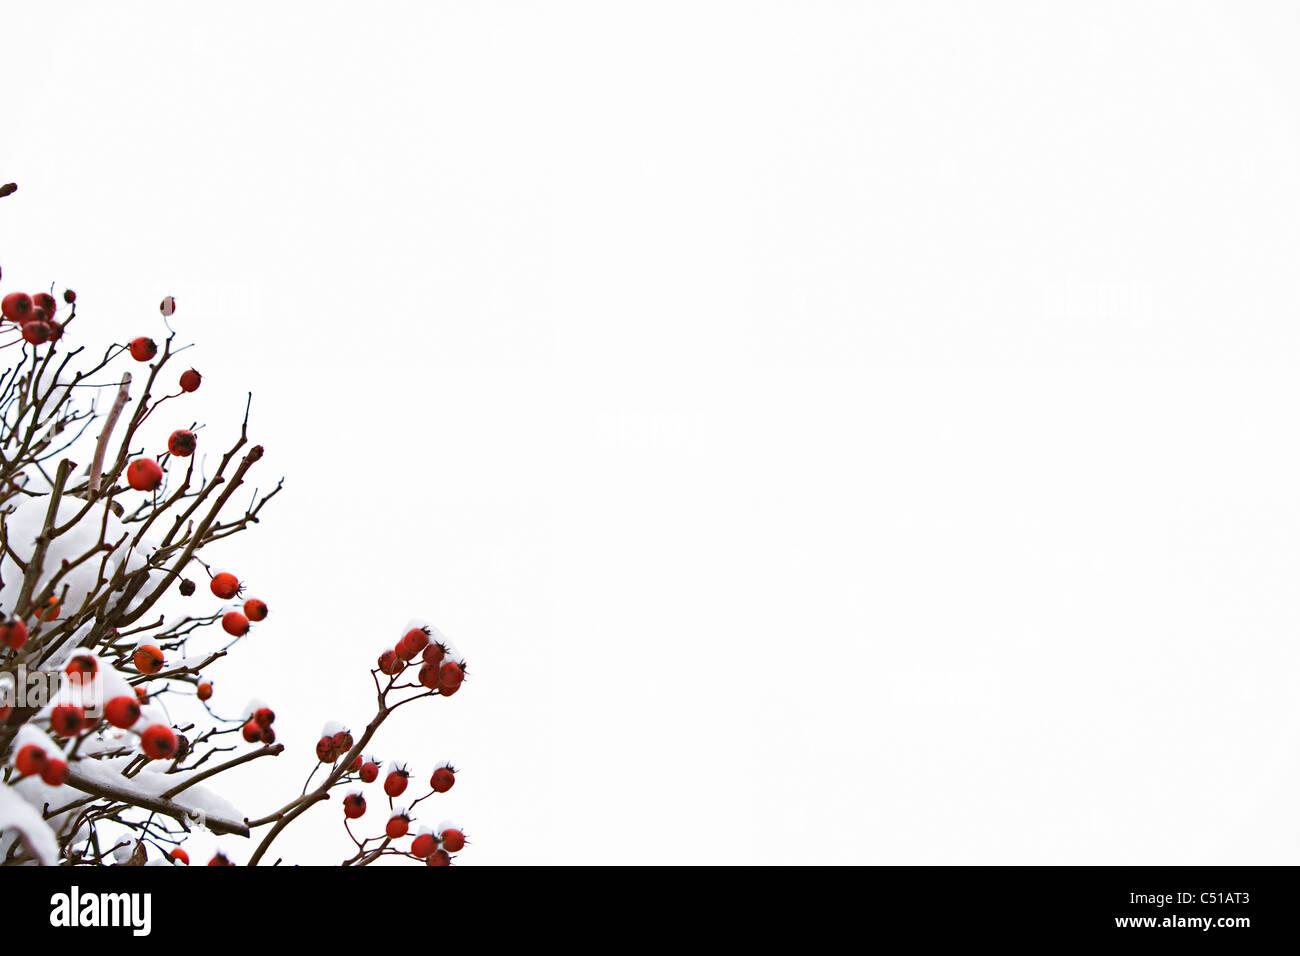 La frutta rossa sulla bussola in inverno Immagini Stock